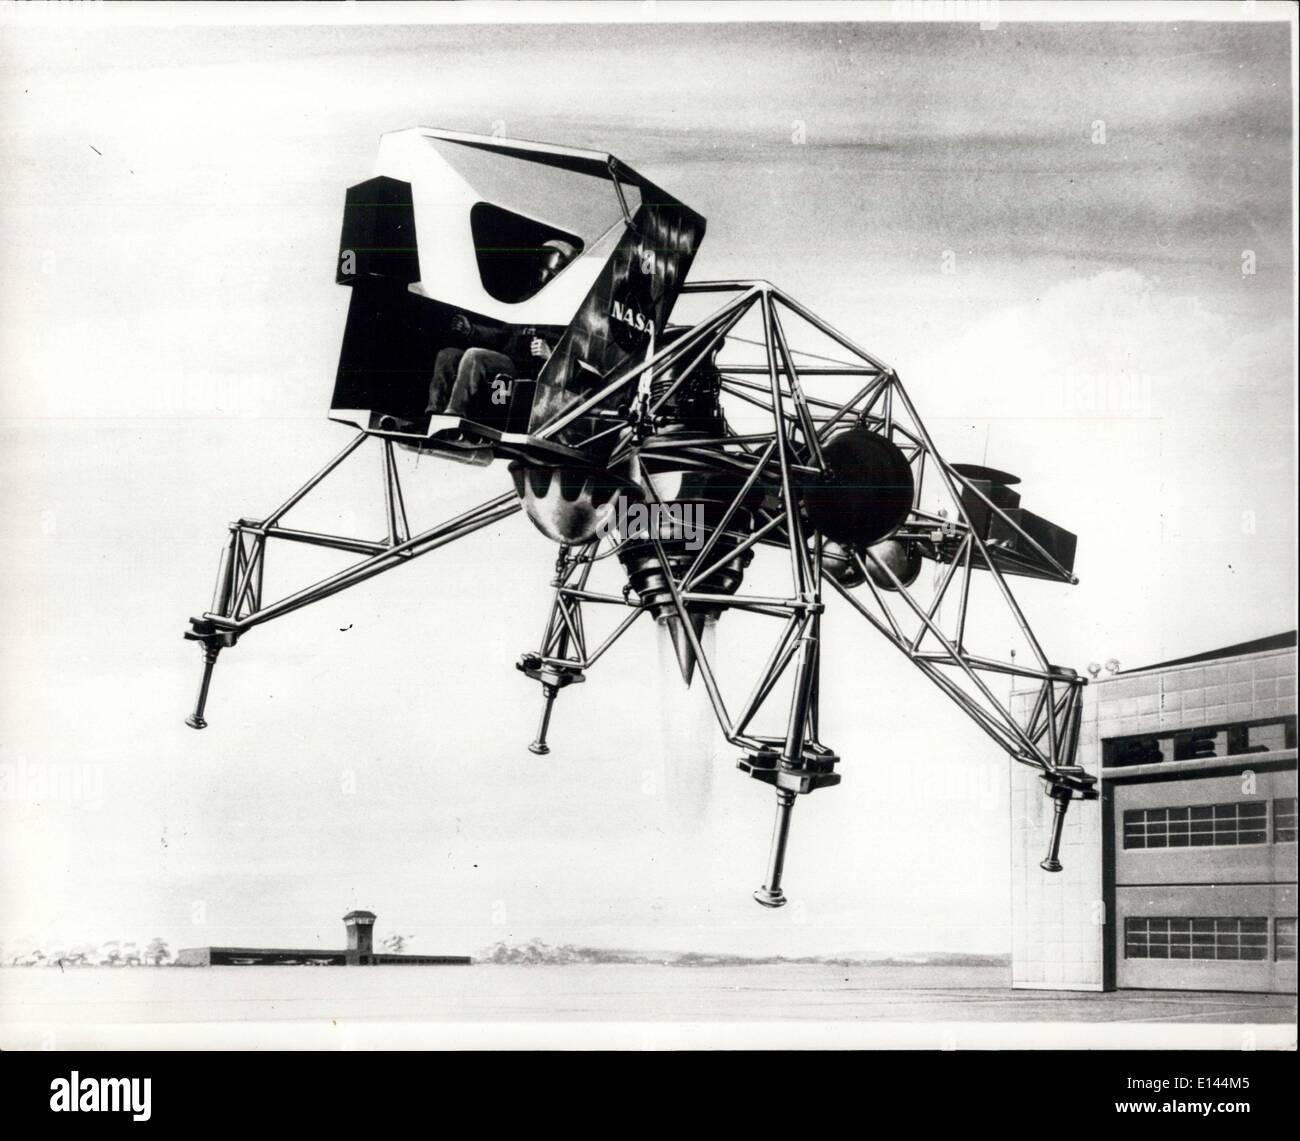 Apr. 04, 2012 - 11.4.67 Artista del concetto di atterraggio lunare di veicolo di formazione. Si tratta di un artista del concetto di atterraggio lunare veicolo didattico (LLTV) per essere costruito sotto contratto da Bell Aerosystems Co., Buffalo, N.Y. per la Nazionale Aeronautica e Spaziale Administration per fornire tre veicoli che gli astronauti saranno utilizzate per mettere in pratica gli sbarchi simulata sulla luna. I veicoli saranno in grado di simulare un sesto ambiente a gravità della luna. Quando è in uso l'LLTV è volato via la terra sul suo motore jet, quindi manovrato come una luna craft con razzi di piccole dimensioni Immagini Stock